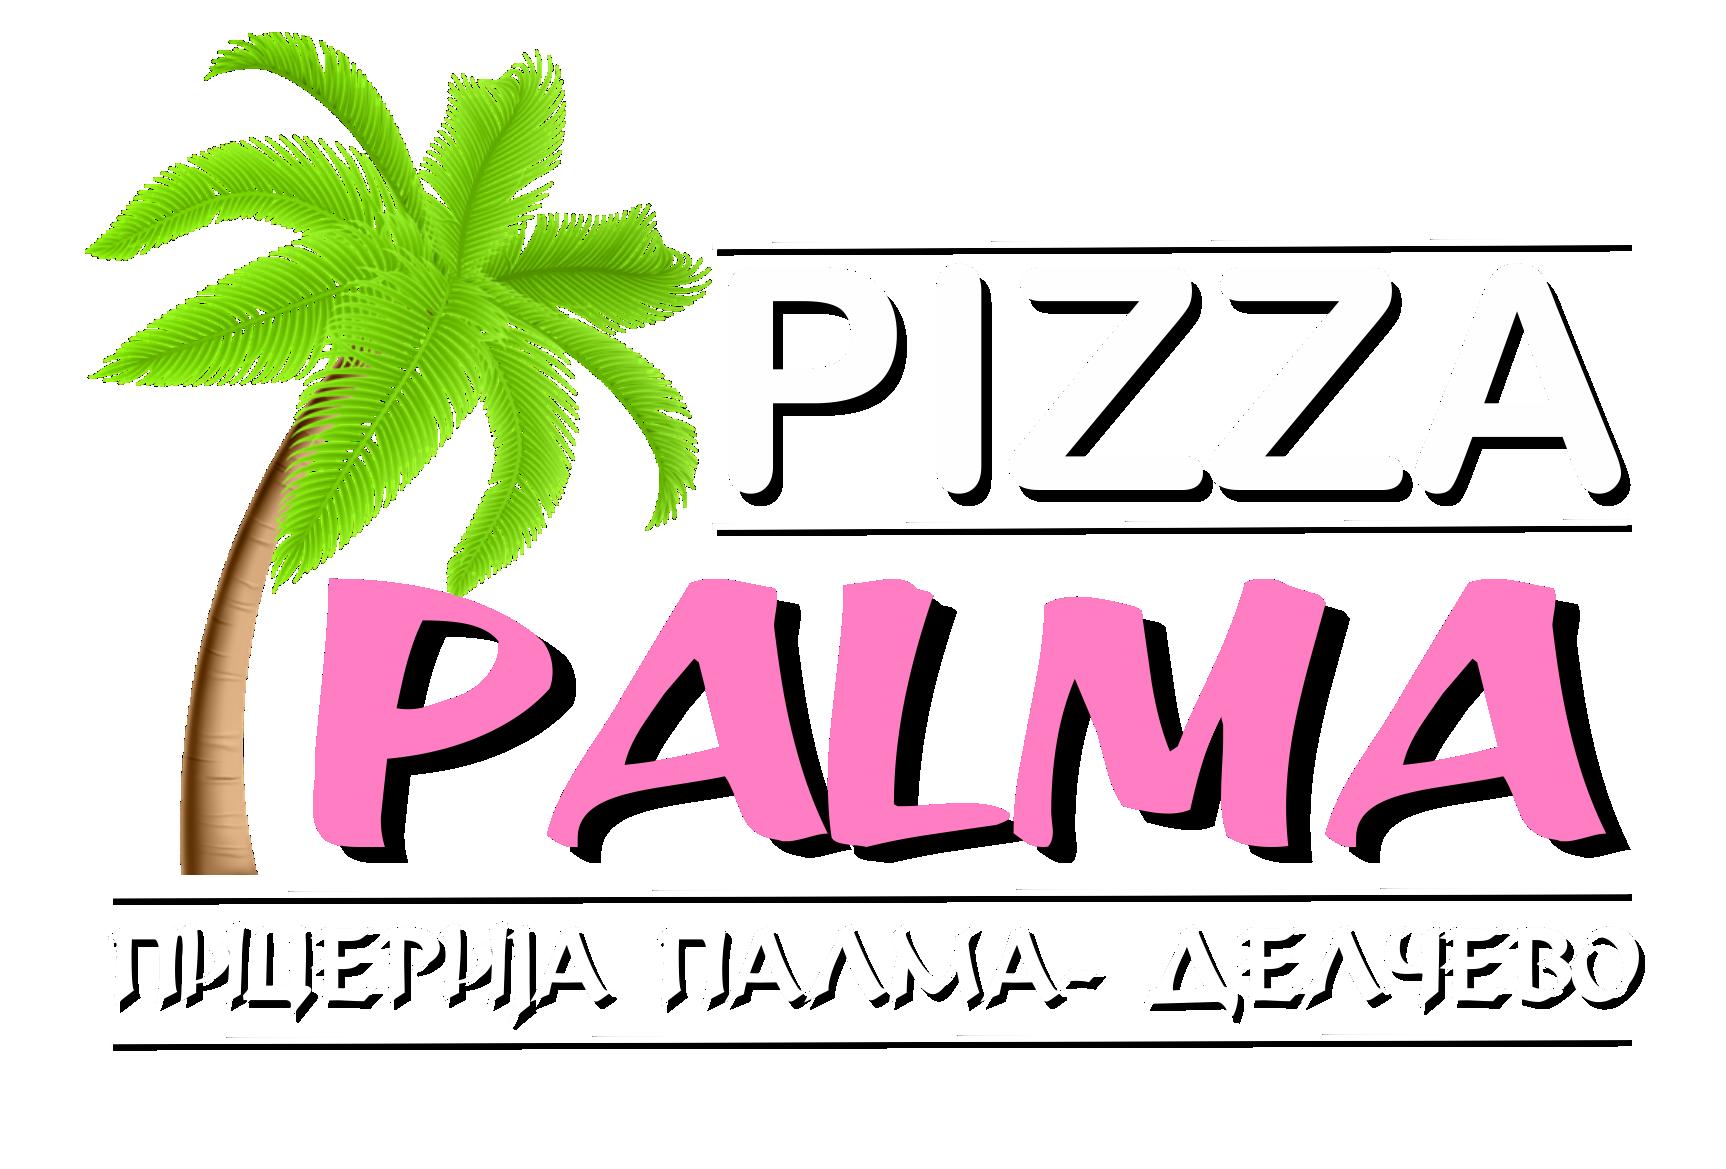 picerijapalma01